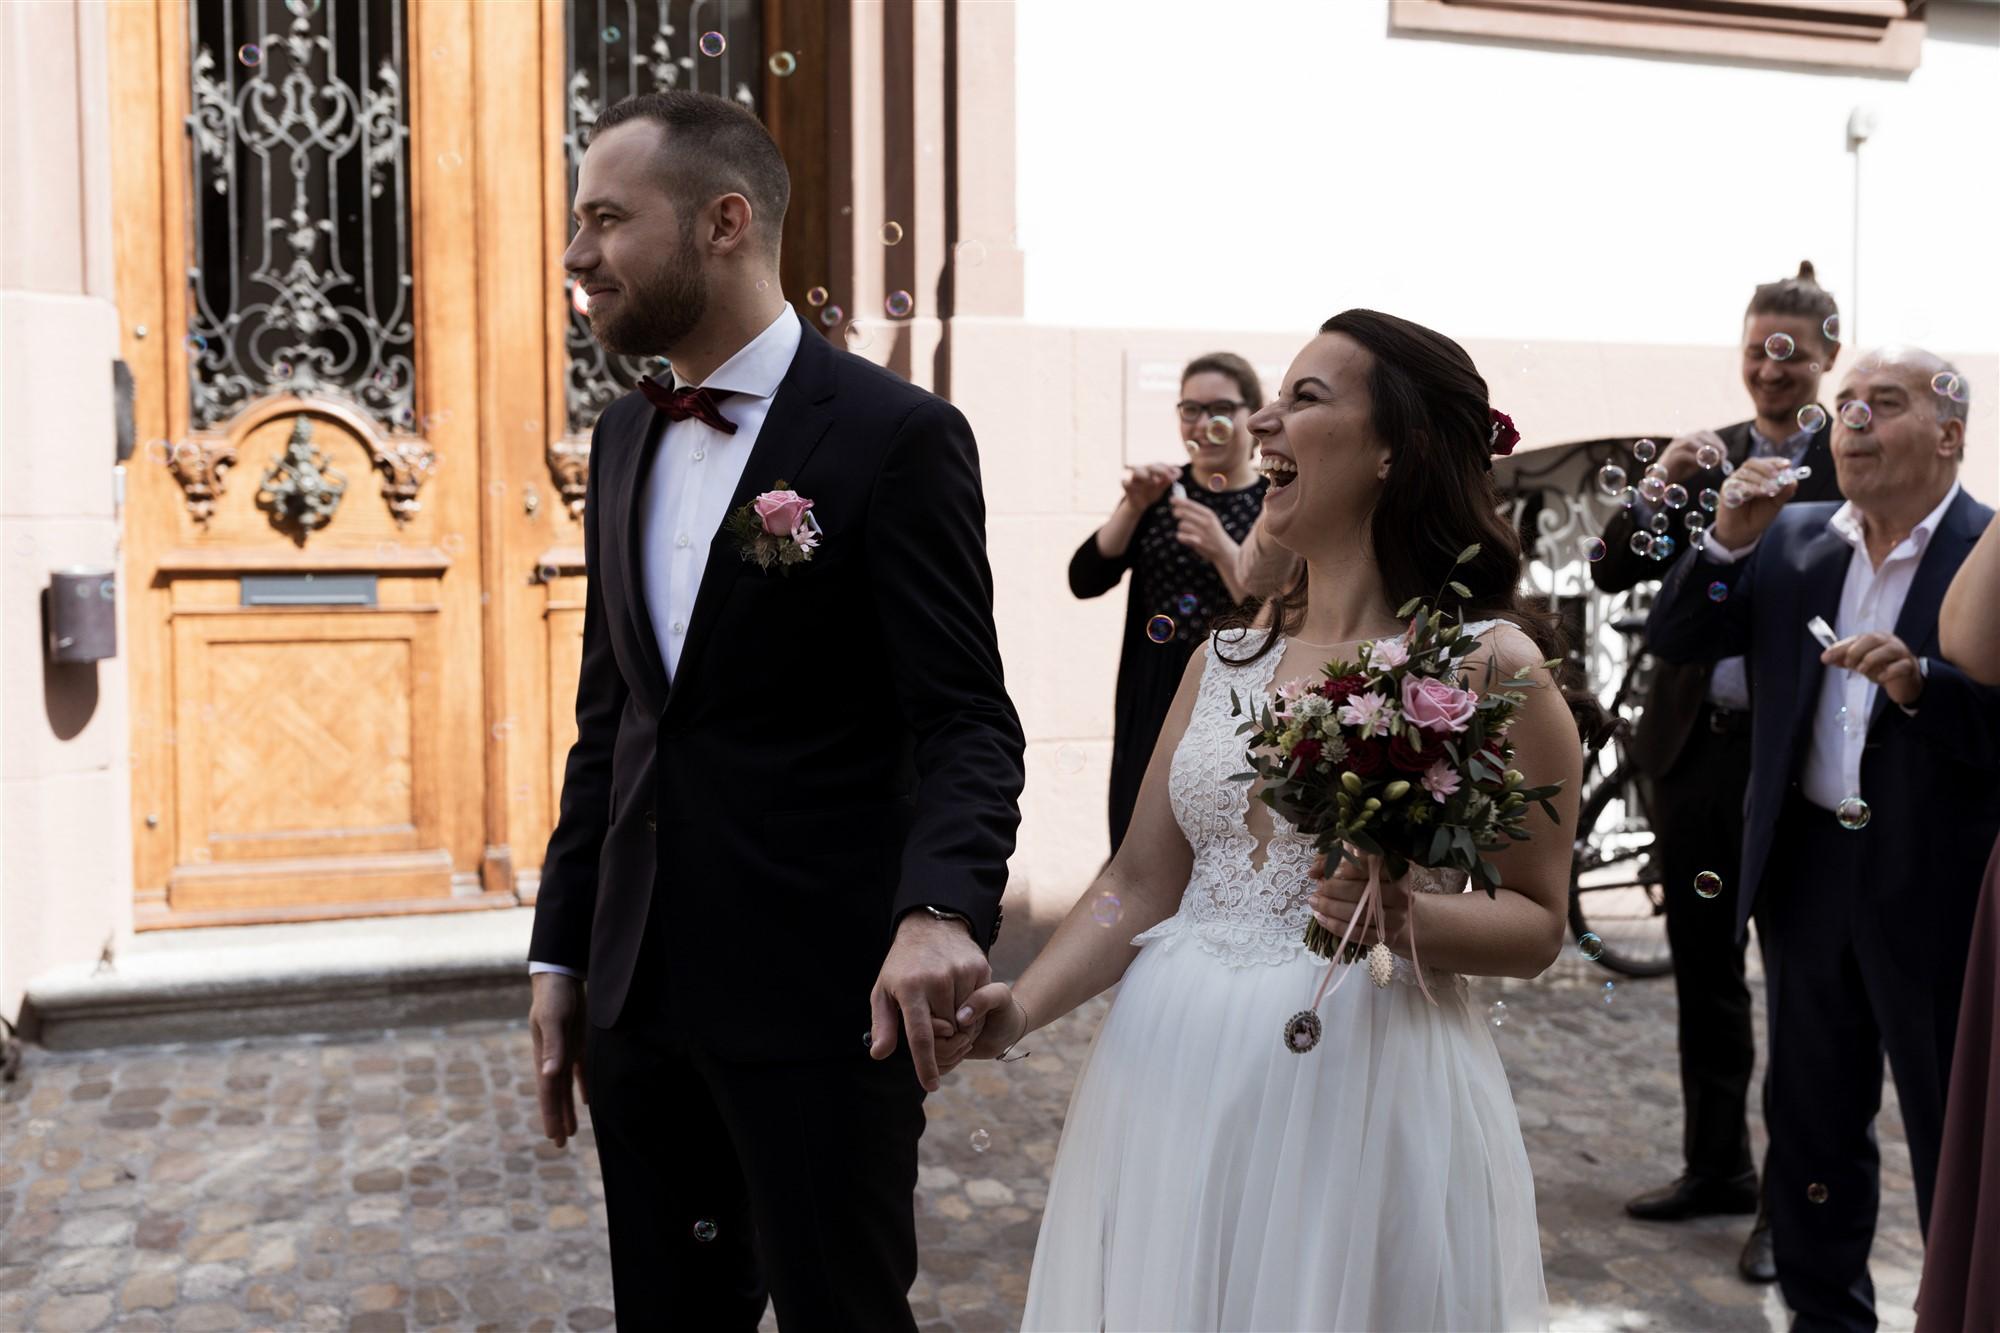 Seifenblasen Spalier nach der zivilen Trauung von Esrin und Finn